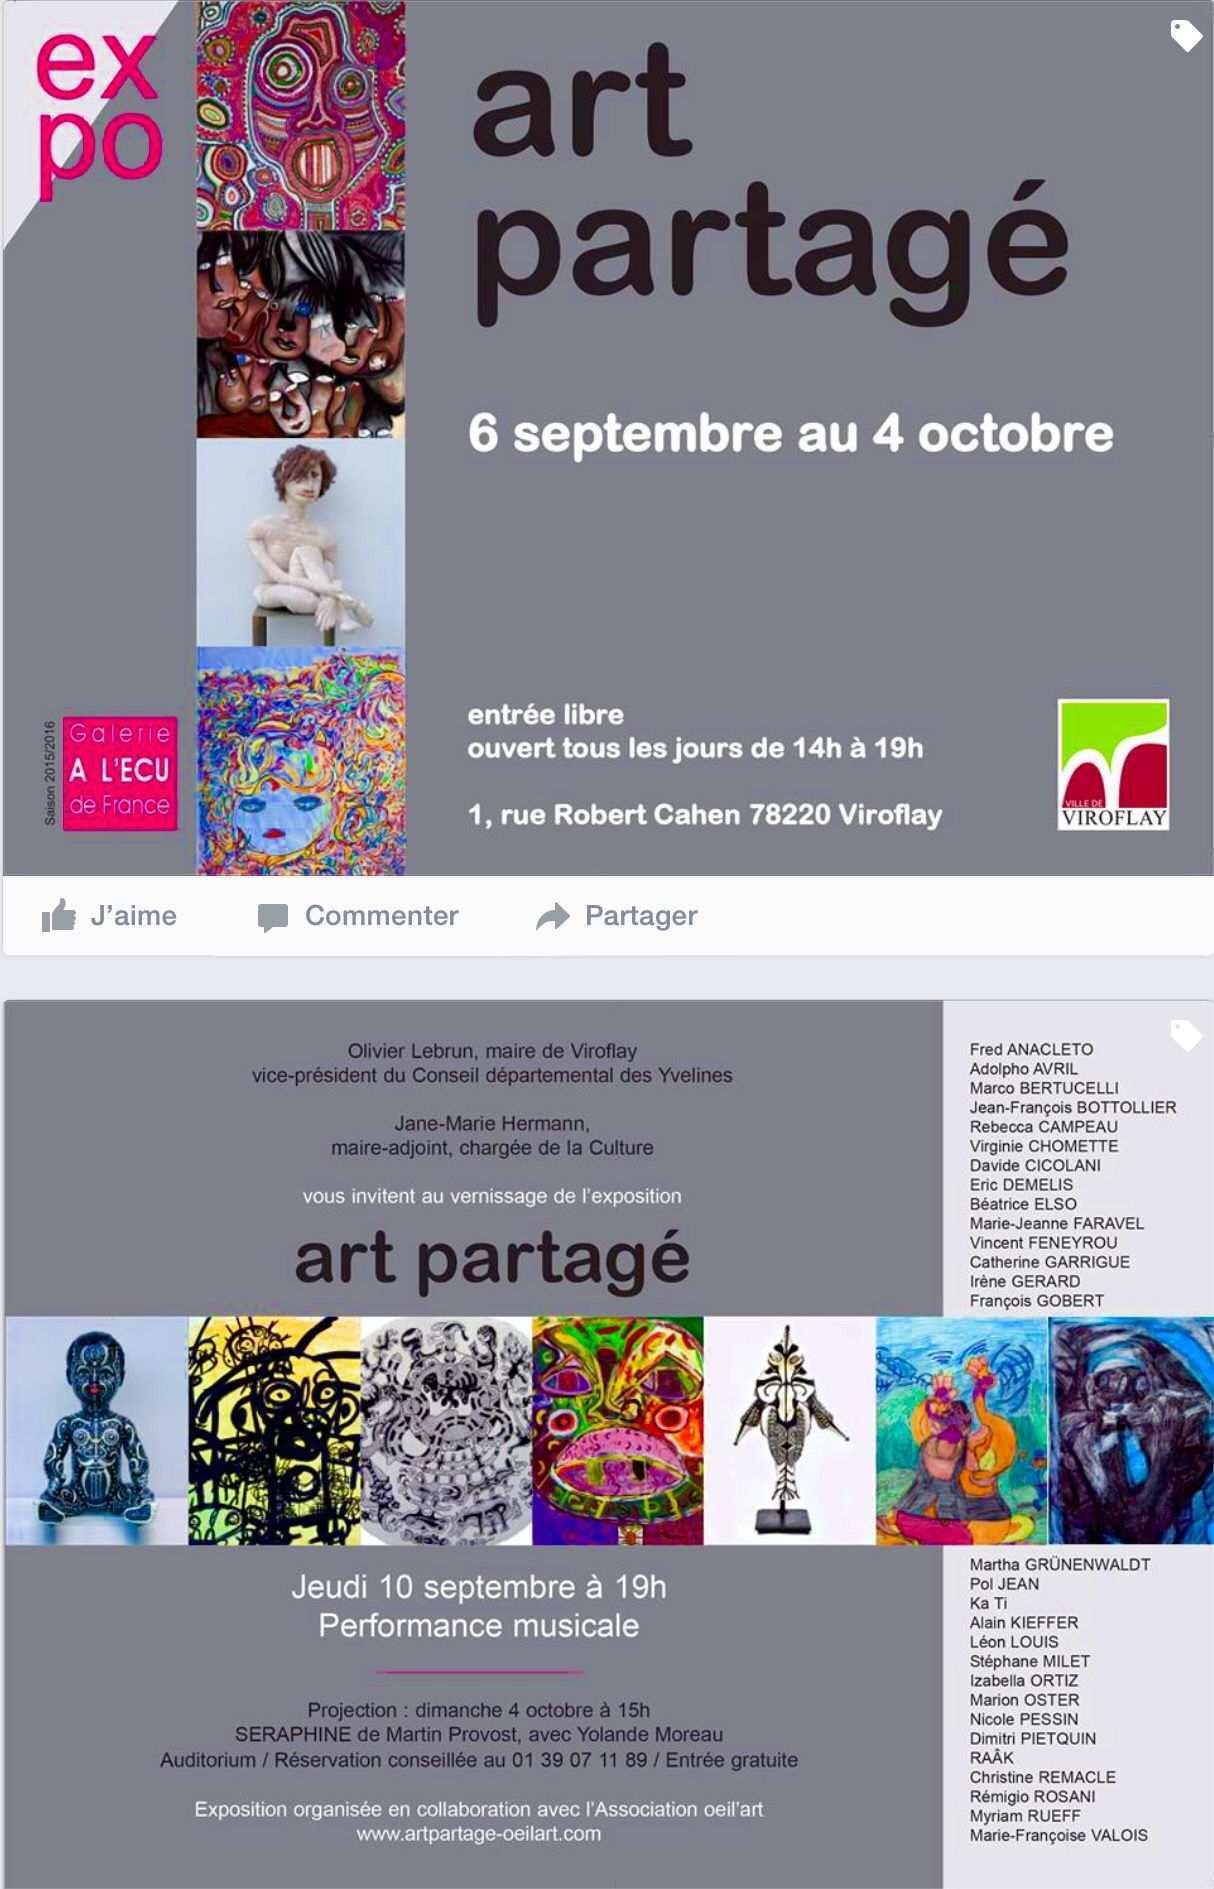 L Art Partage Est A Galerie L Ecu De France A Viroflay 78 Invitation Au Vernissage Le 10 Septembre A 19h00 En Presence Des Artistes Art Grafik Design Und Einladungen